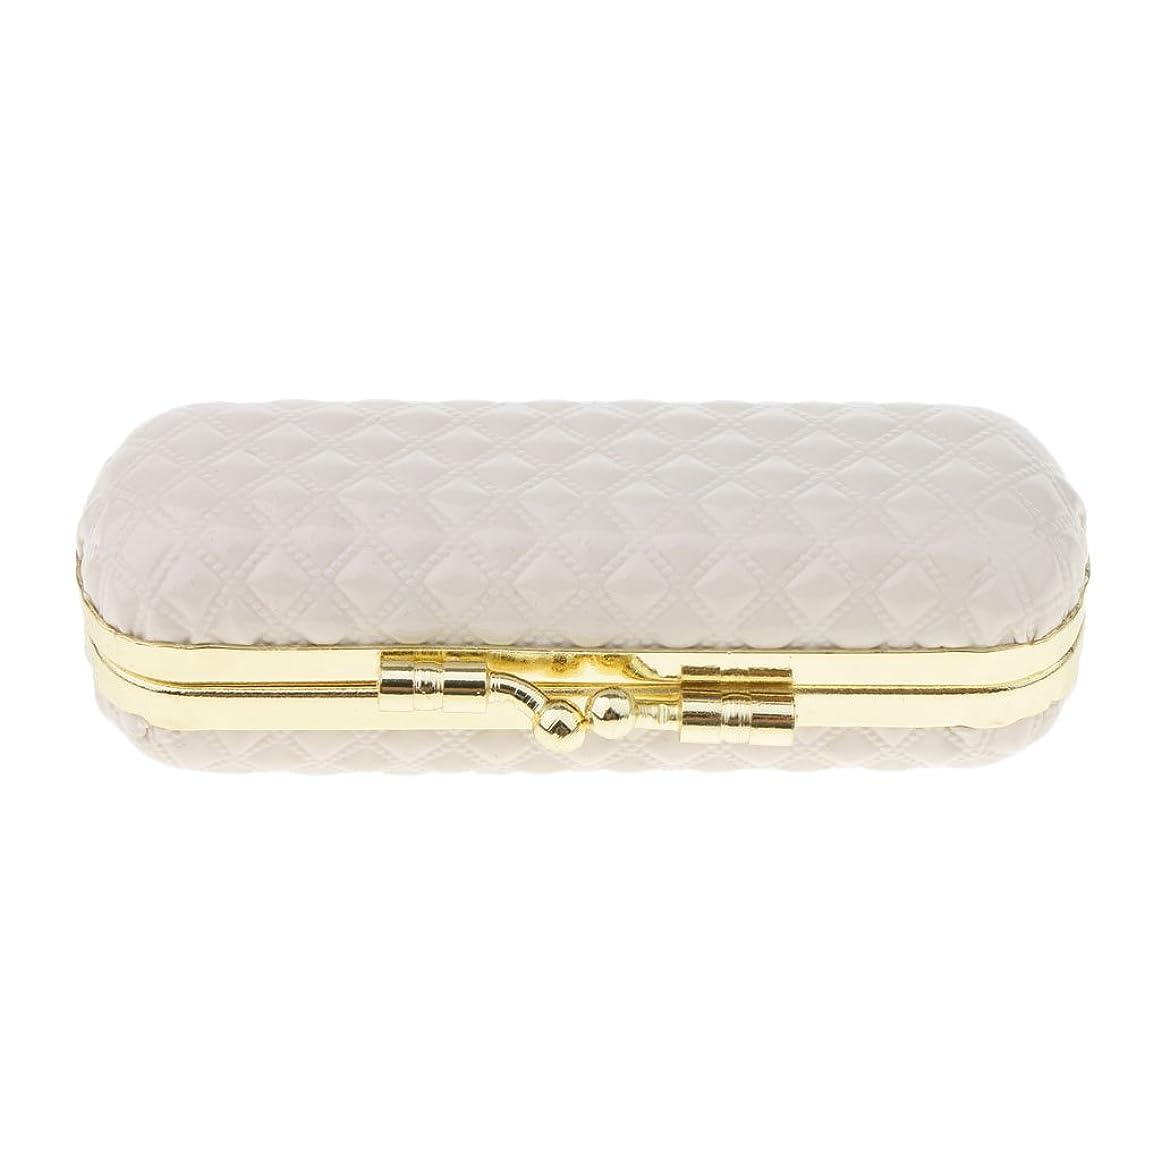 論理とても多くのレンズBaosity 化粧ポーチ 口紅ホルダー リップスティック リップグロス 収納ケース ミラー付き 可愛い 小物収納 携帯用 6タイプ - 白